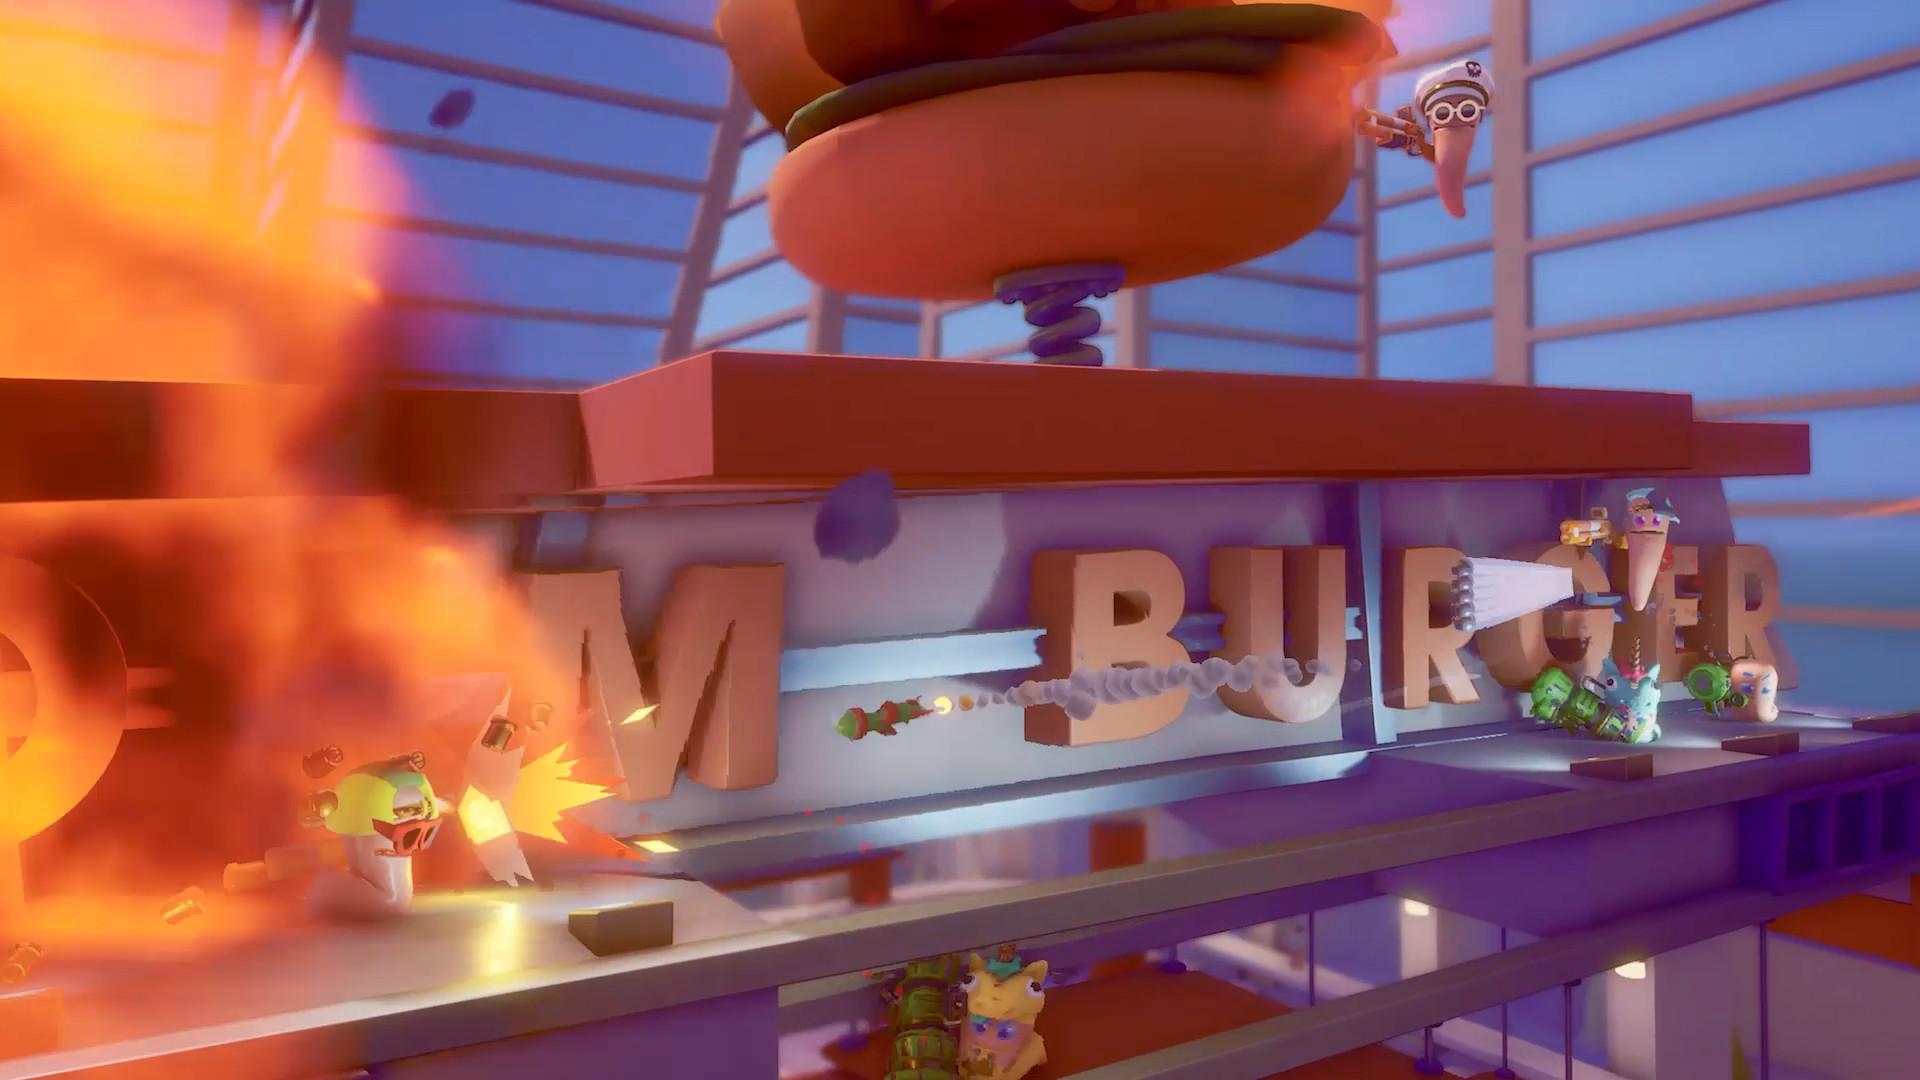 《百战天虫》新作正式公布 即时玩法加吃鸡乱斗